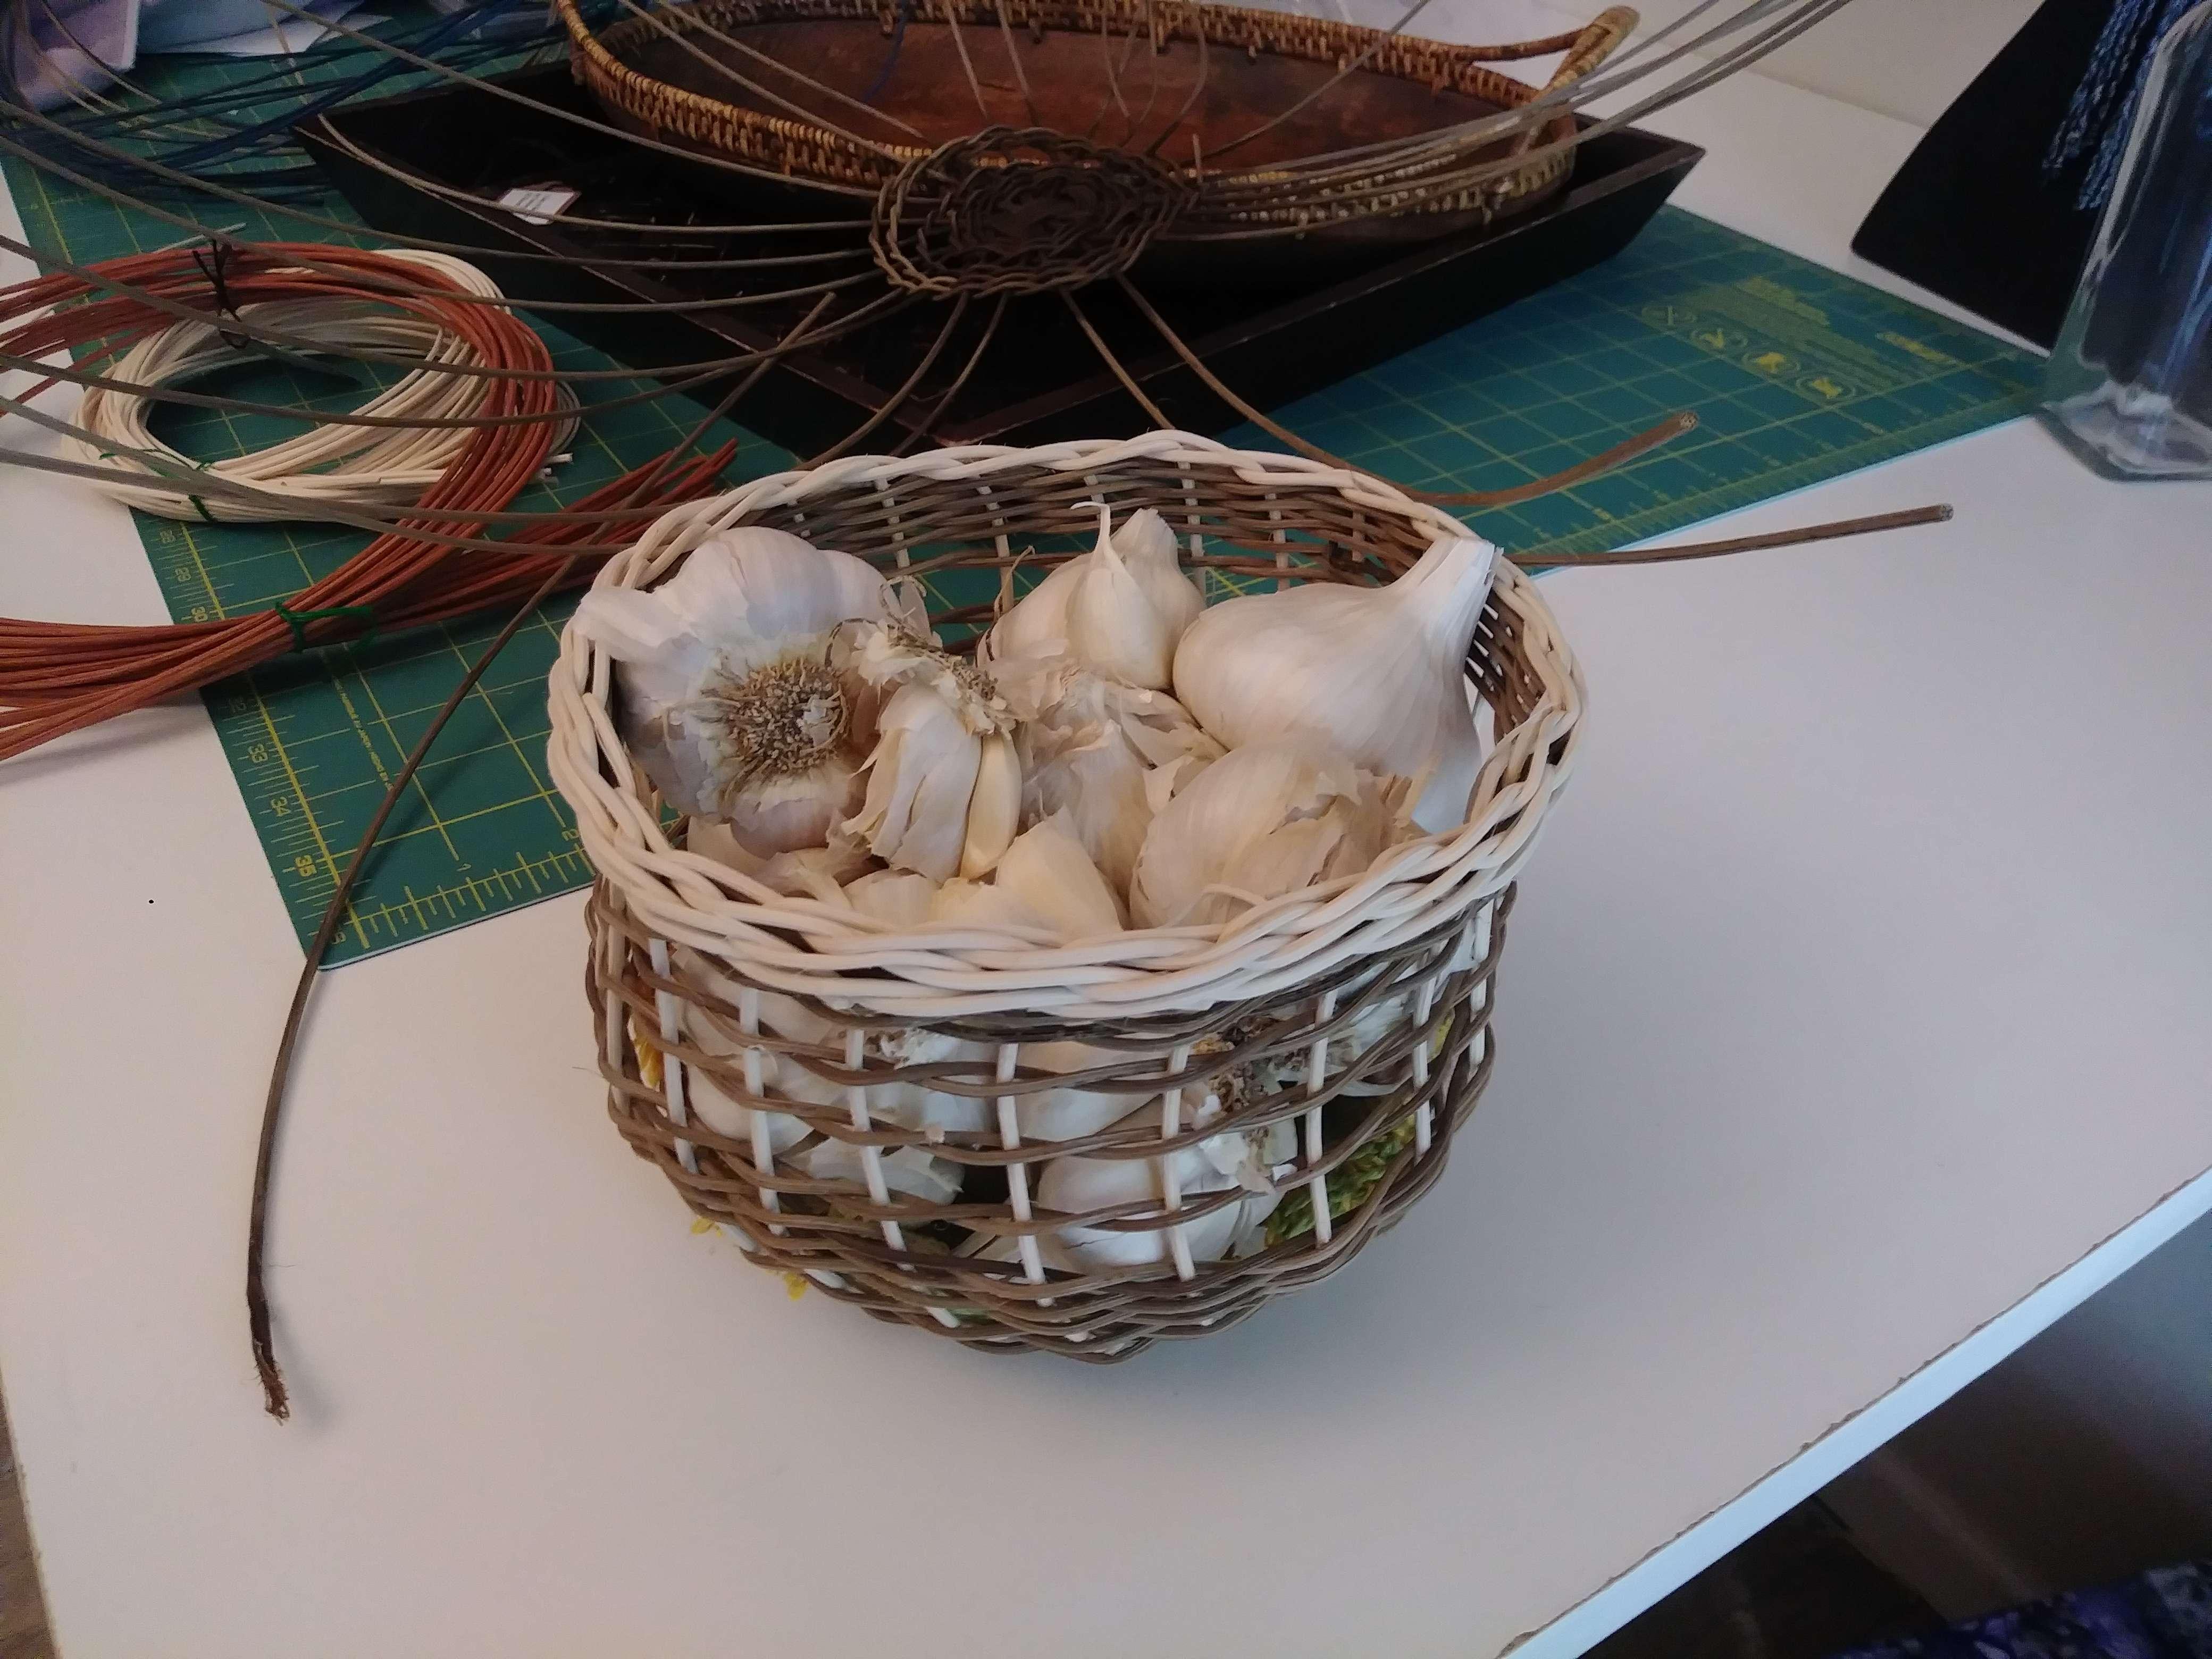 My First Basket